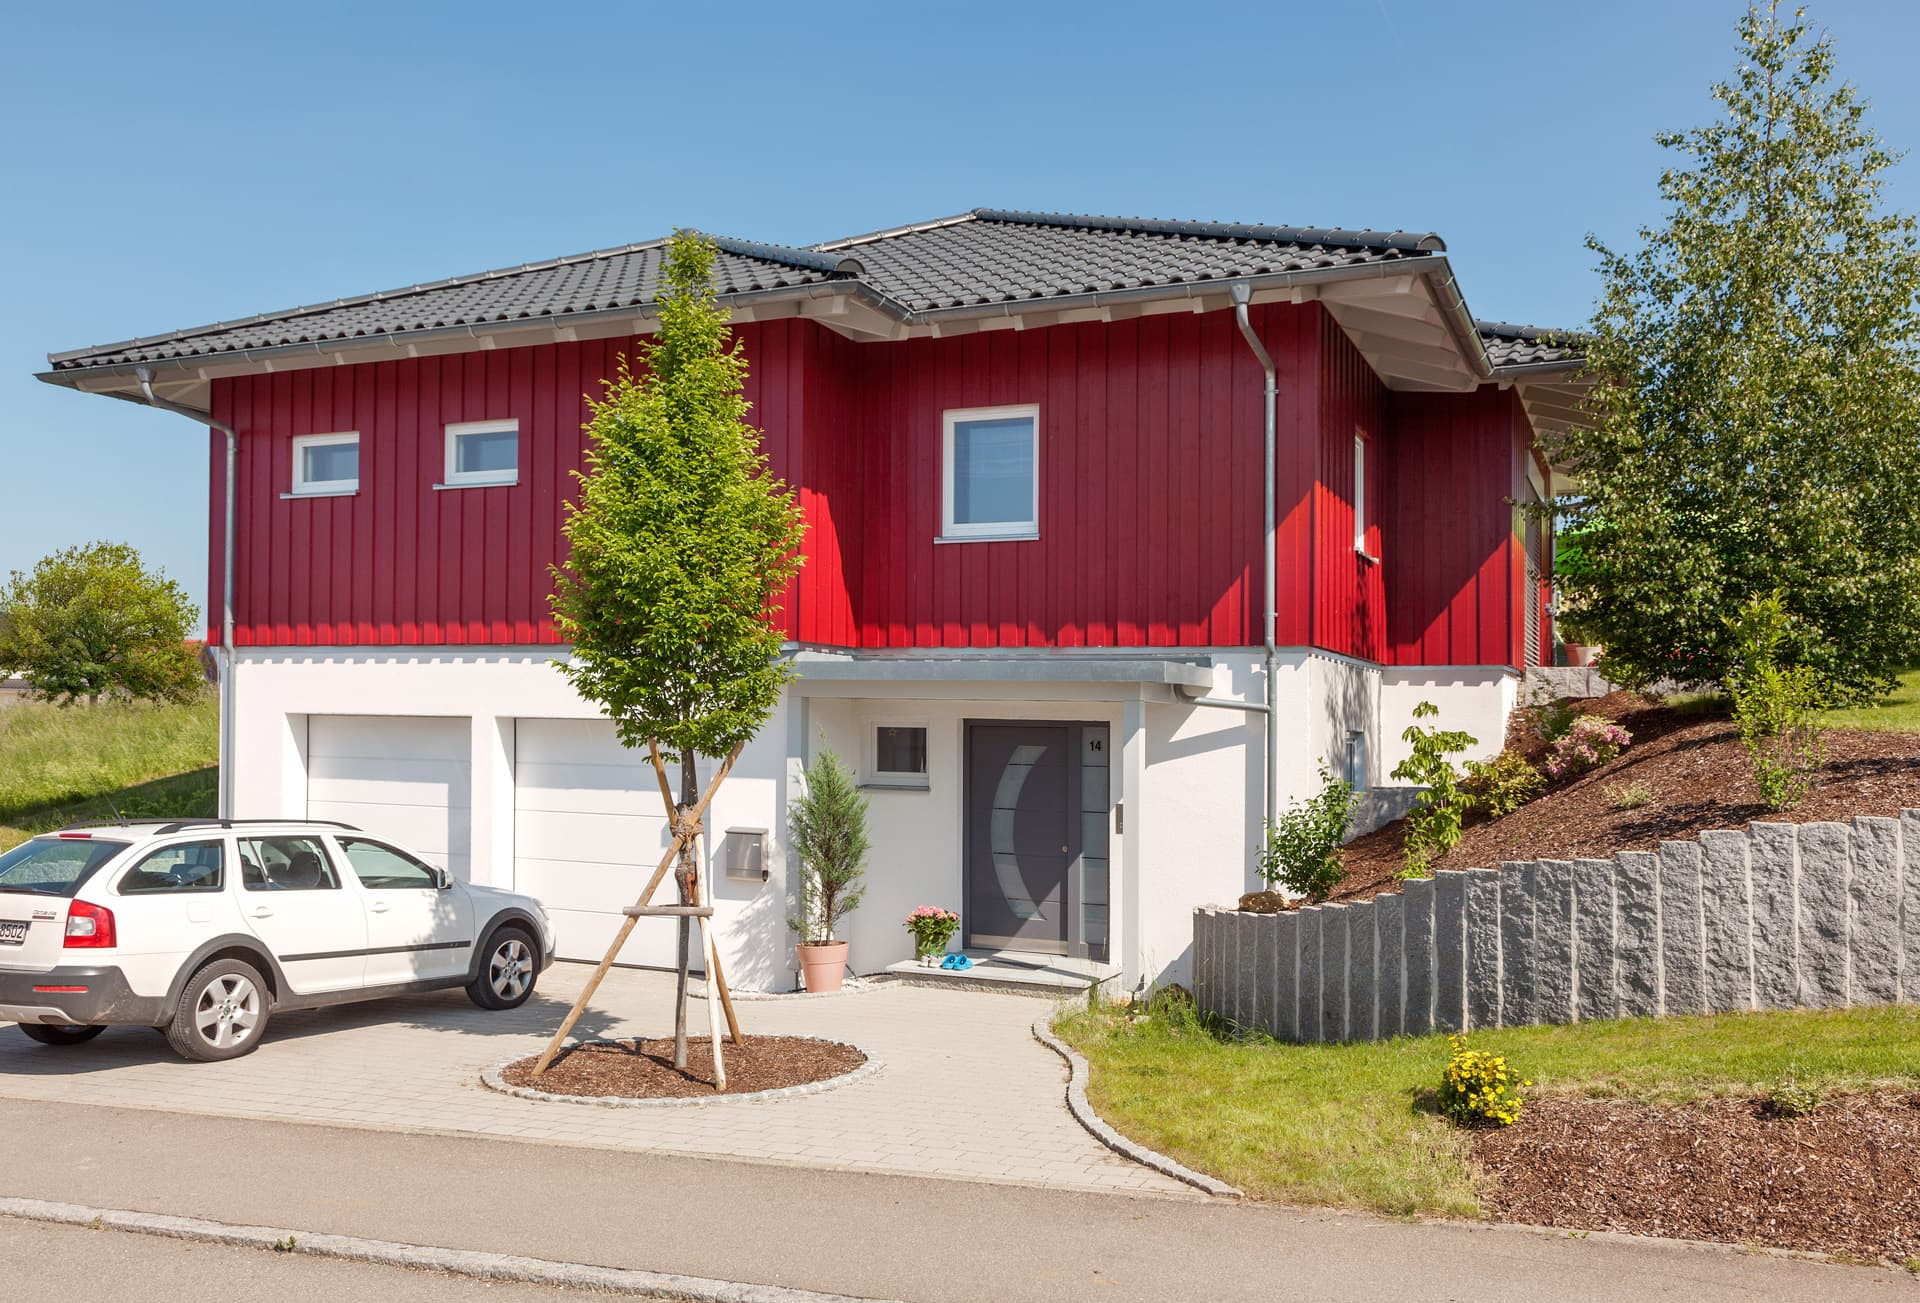 schw rerhaus skandinavischer bungalow. Black Bedroom Furniture Sets. Home Design Ideas